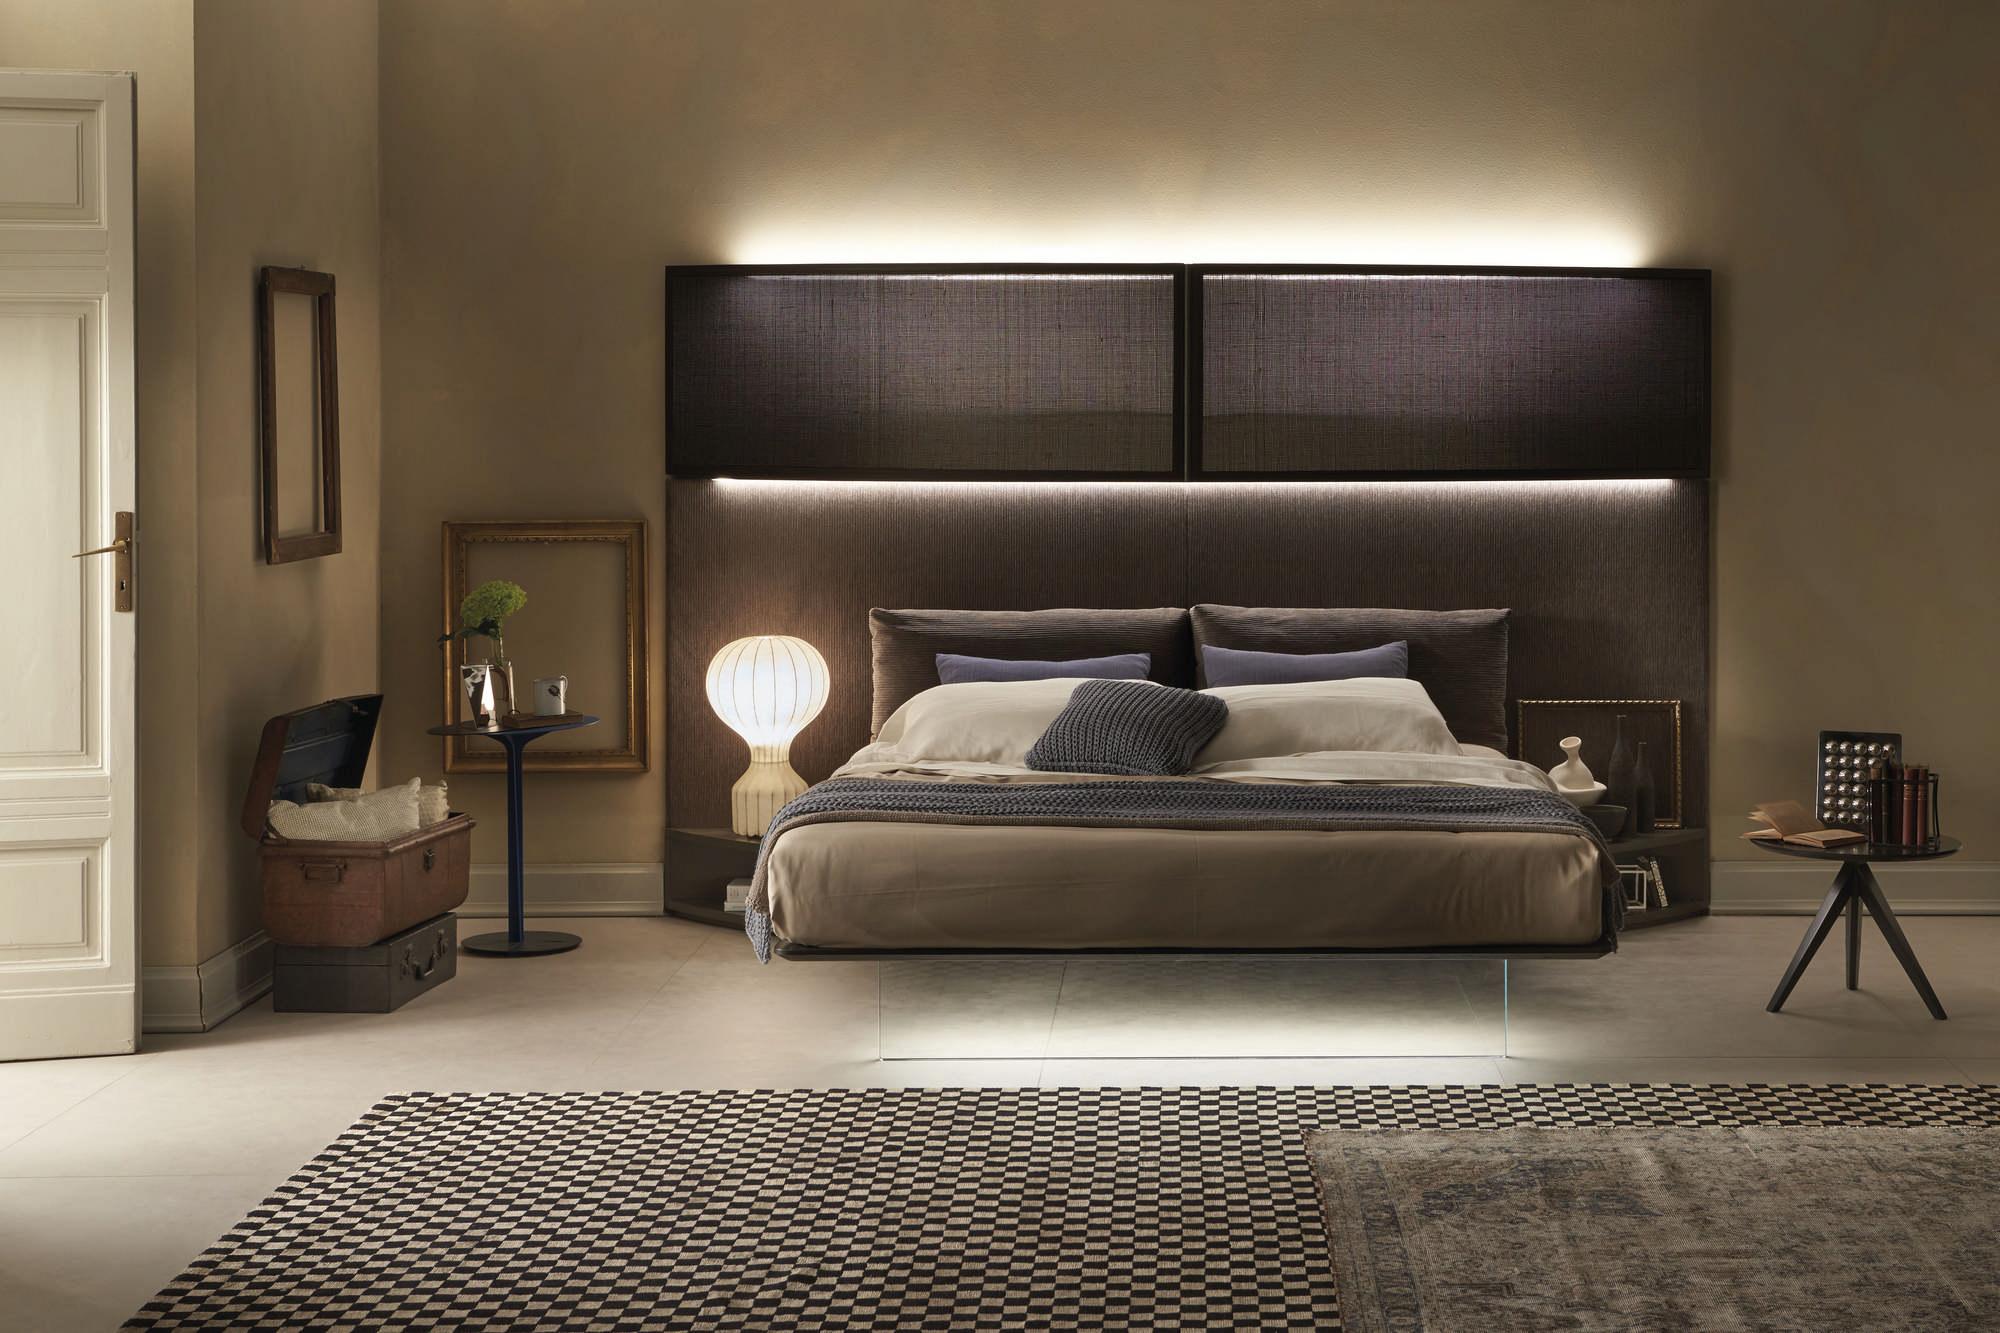 Fimes - Letti moderni design ...